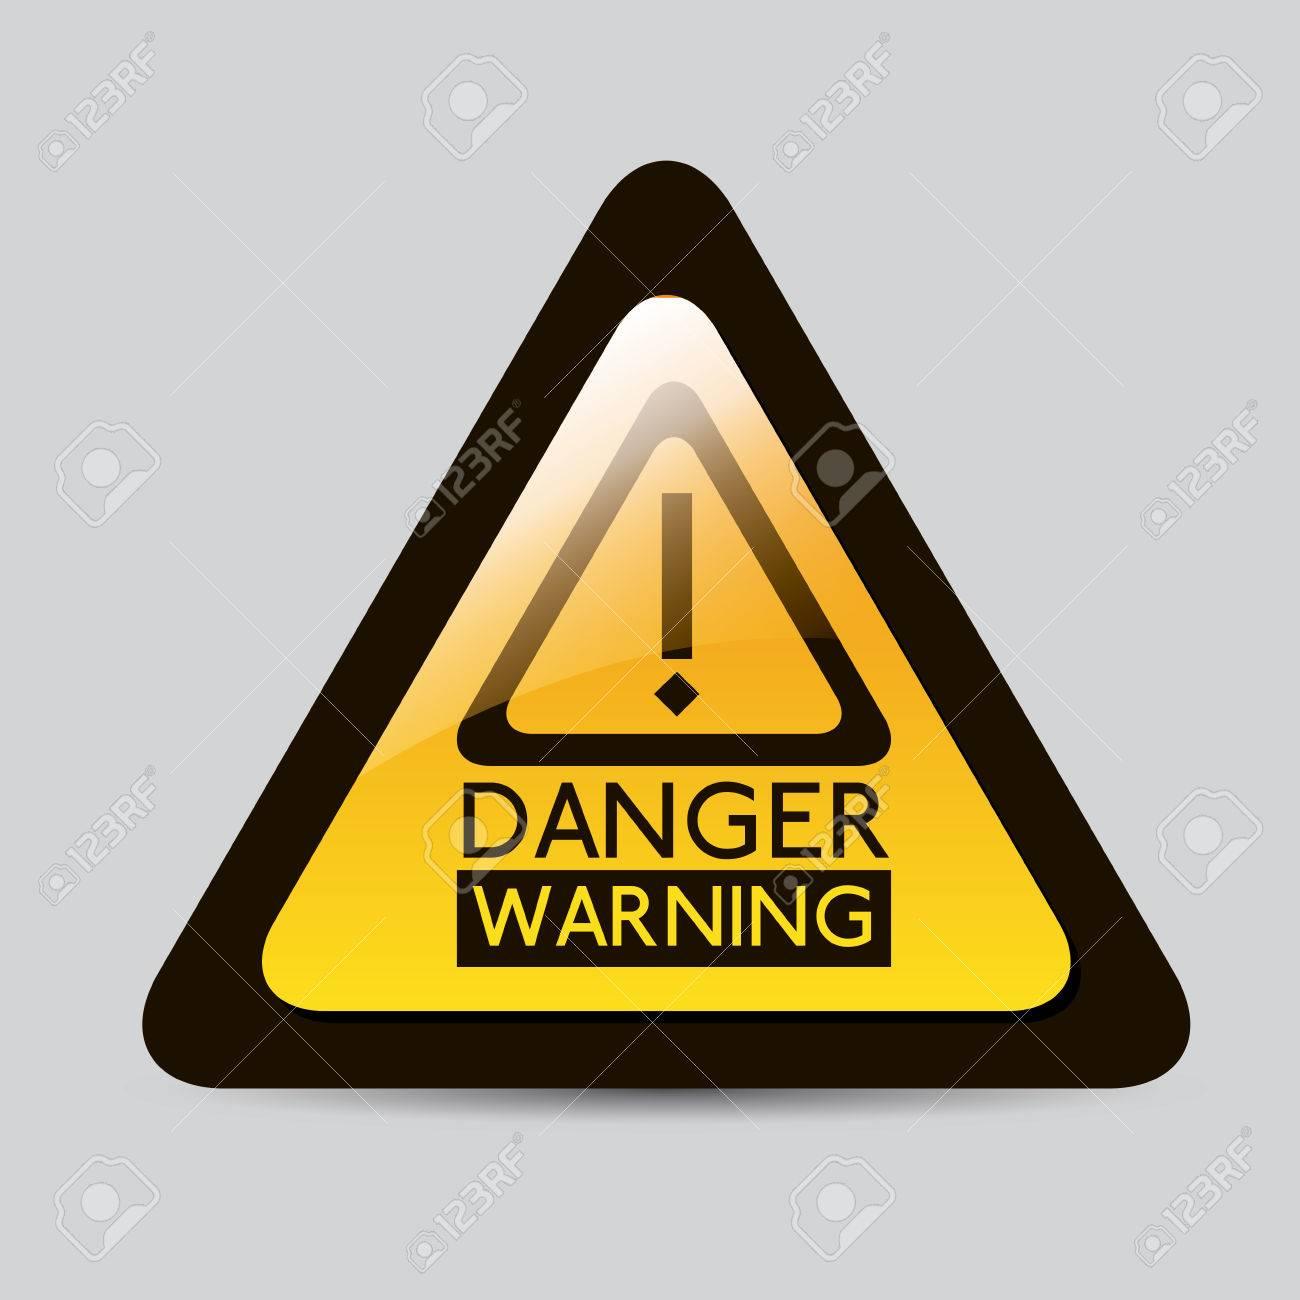 Danger design over gray background, vector illustration Stock Vector - 29423871